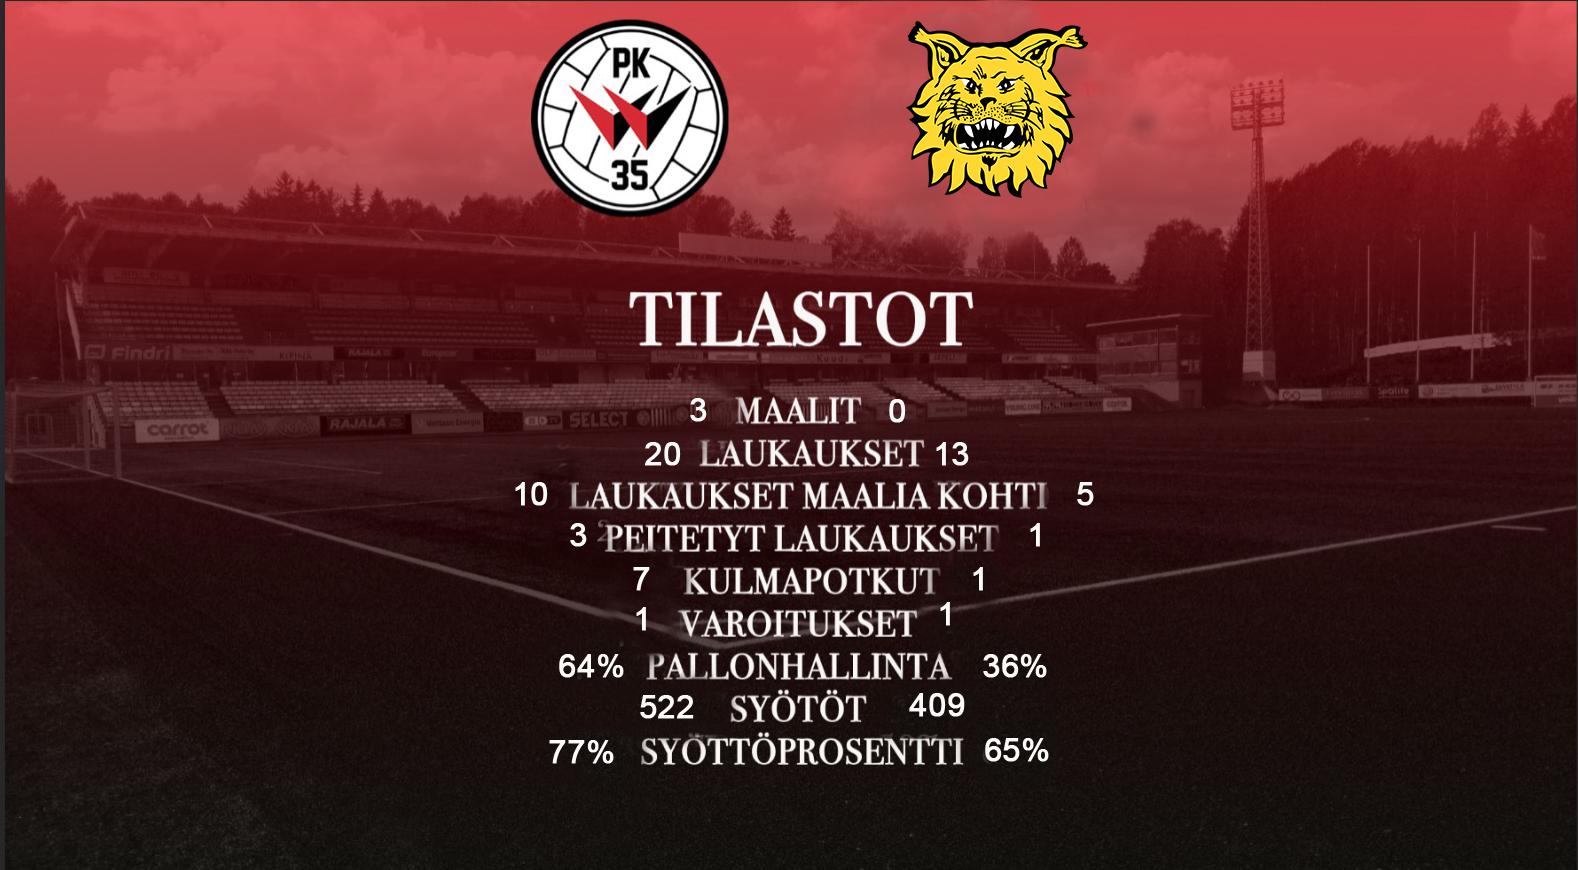 Tilastokatsaus: PK-35 Vantaa – Ilves 3-0 (0-0)